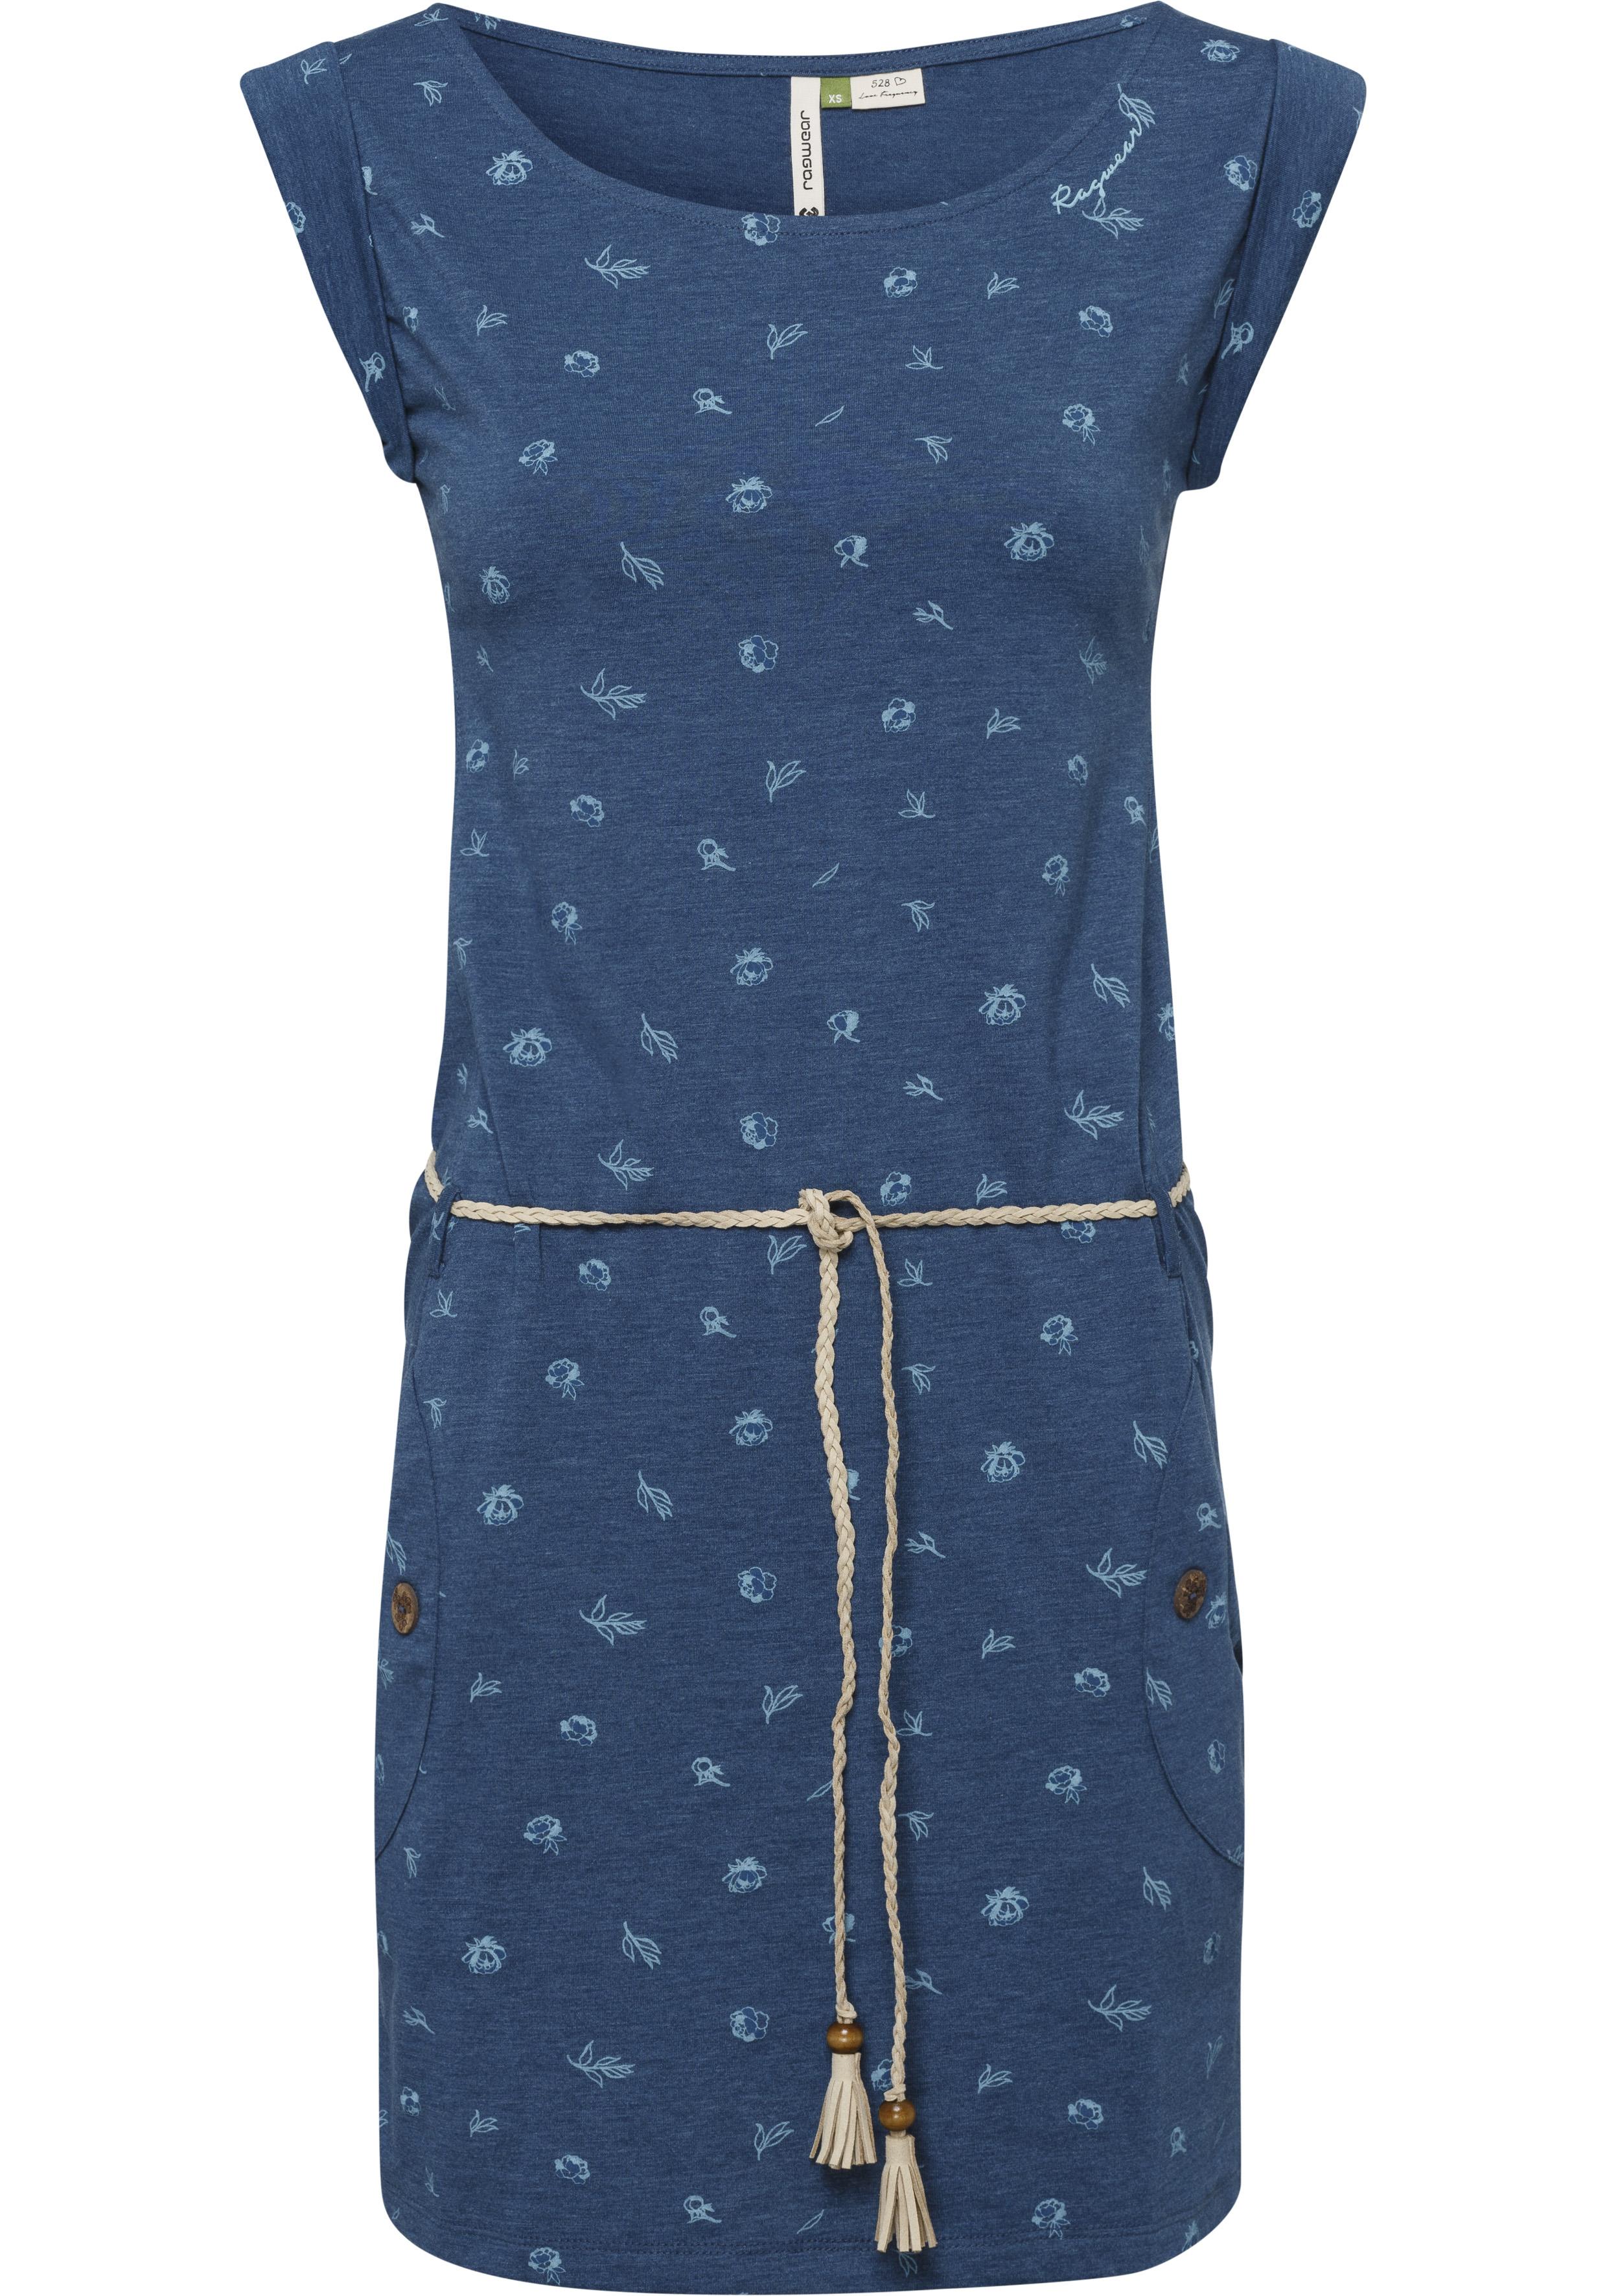 ragwear -  Jerseykleid TAG B ORGANIC, (2 tlg., mit abnehmbarem Gürtel), mit süßem Donuts und Cupcakes -Allover-Print